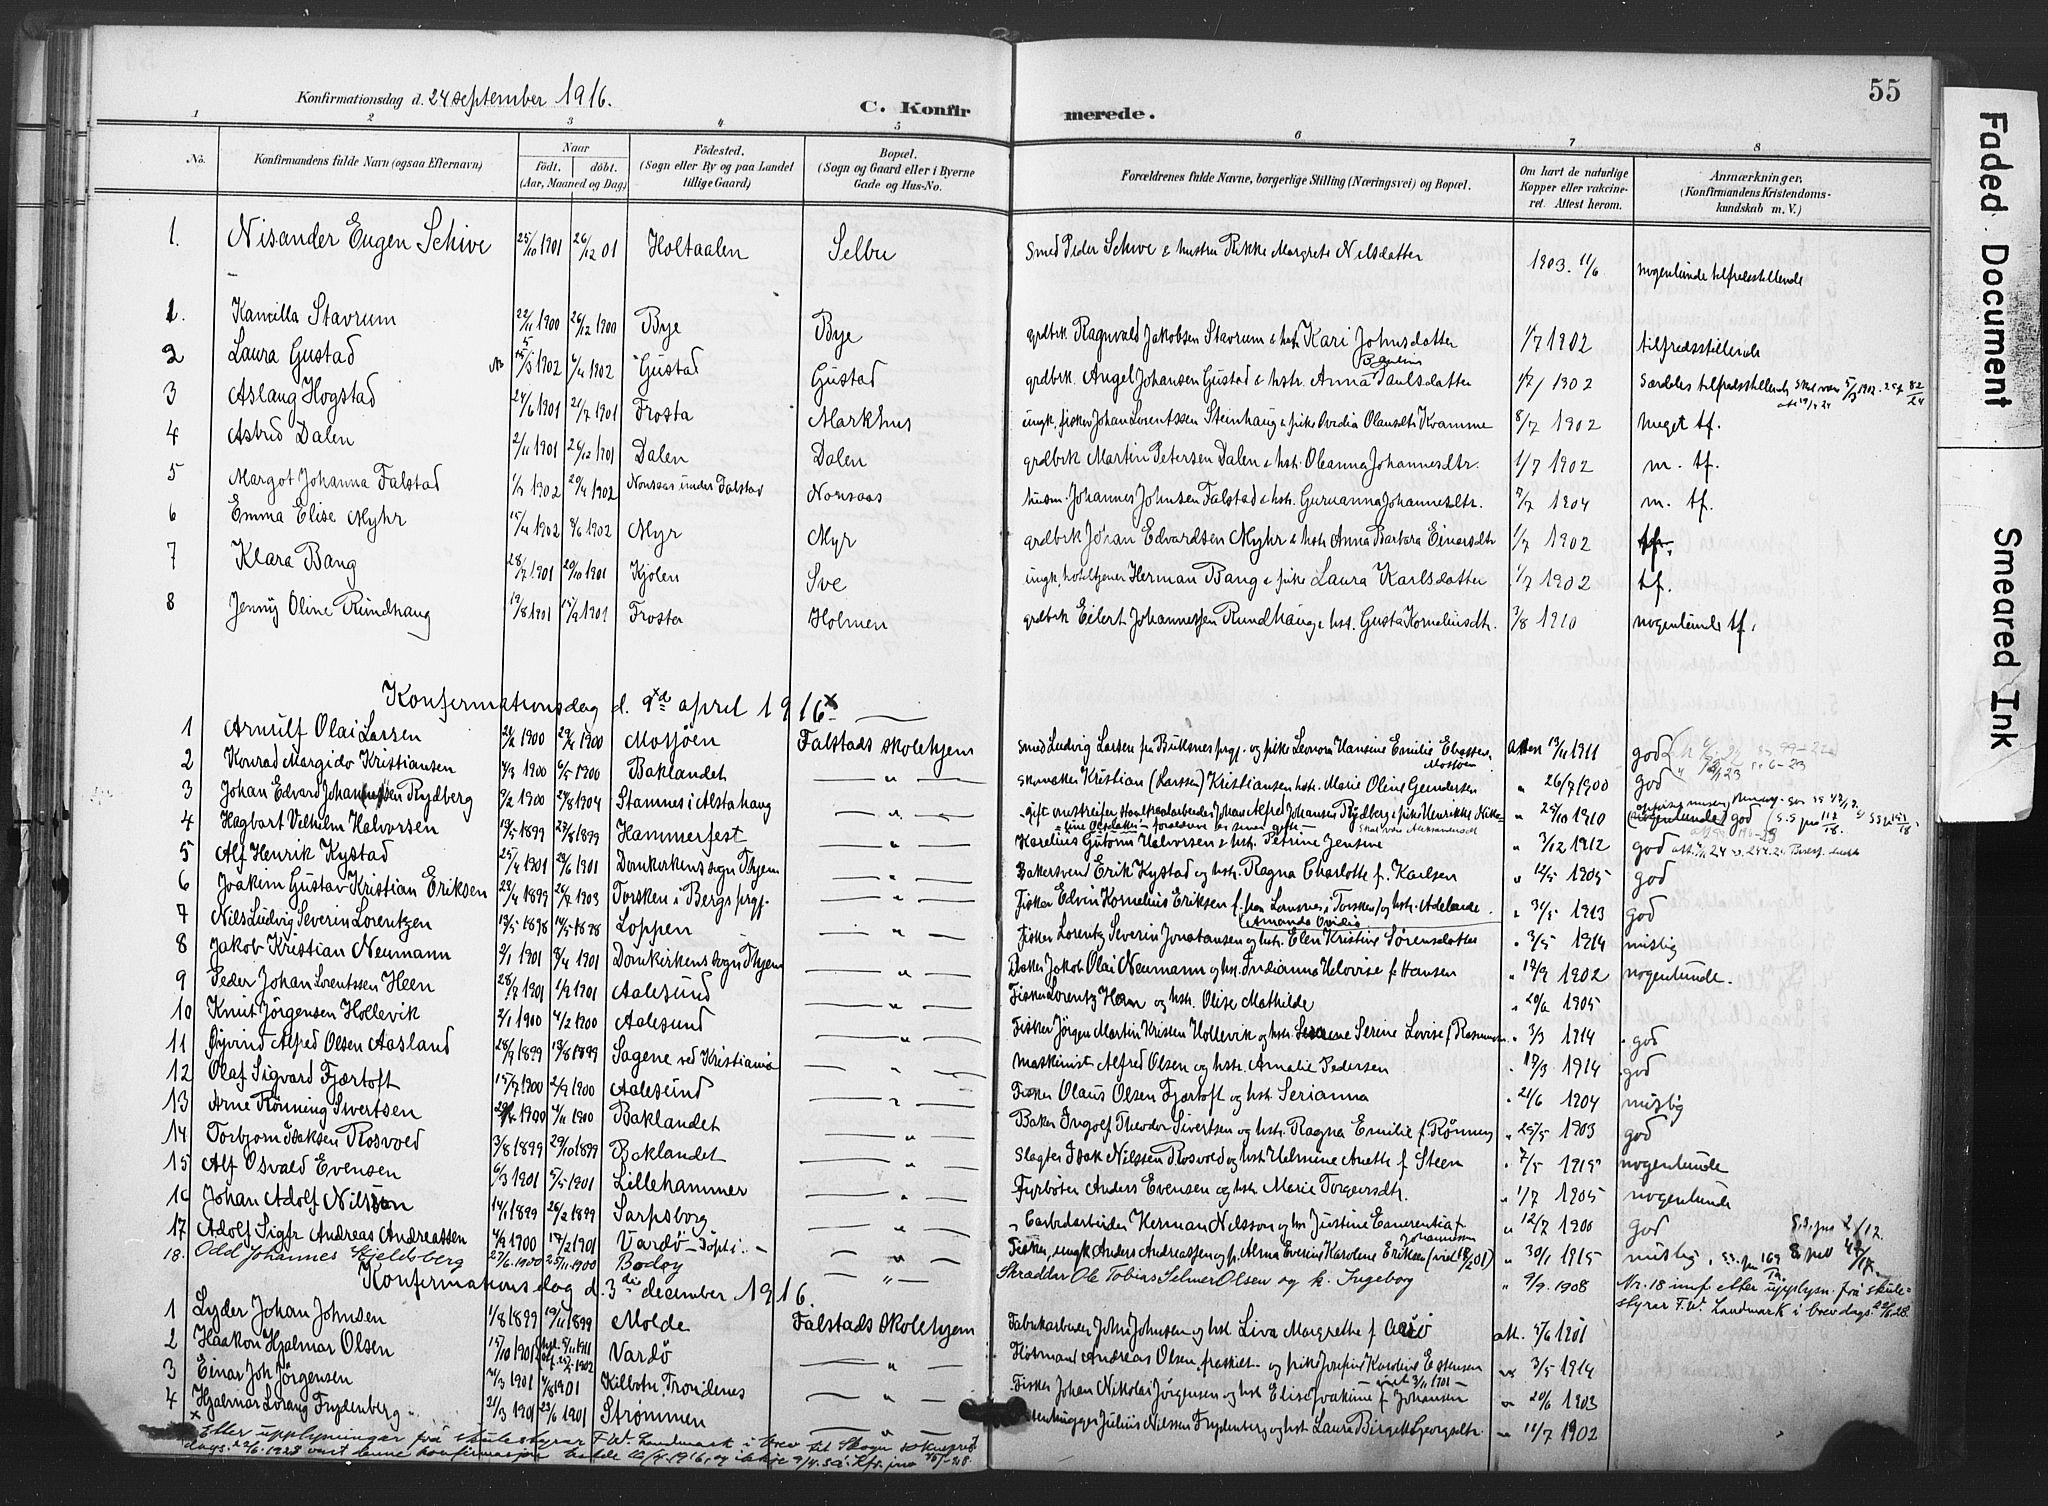 SAT, Ministerialprotokoller, klokkerbøker og fødselsregistre - Nord-Trøndelag, 719/L0179: Ministerialbok nr. 719A02, 1901-1923, s. 55